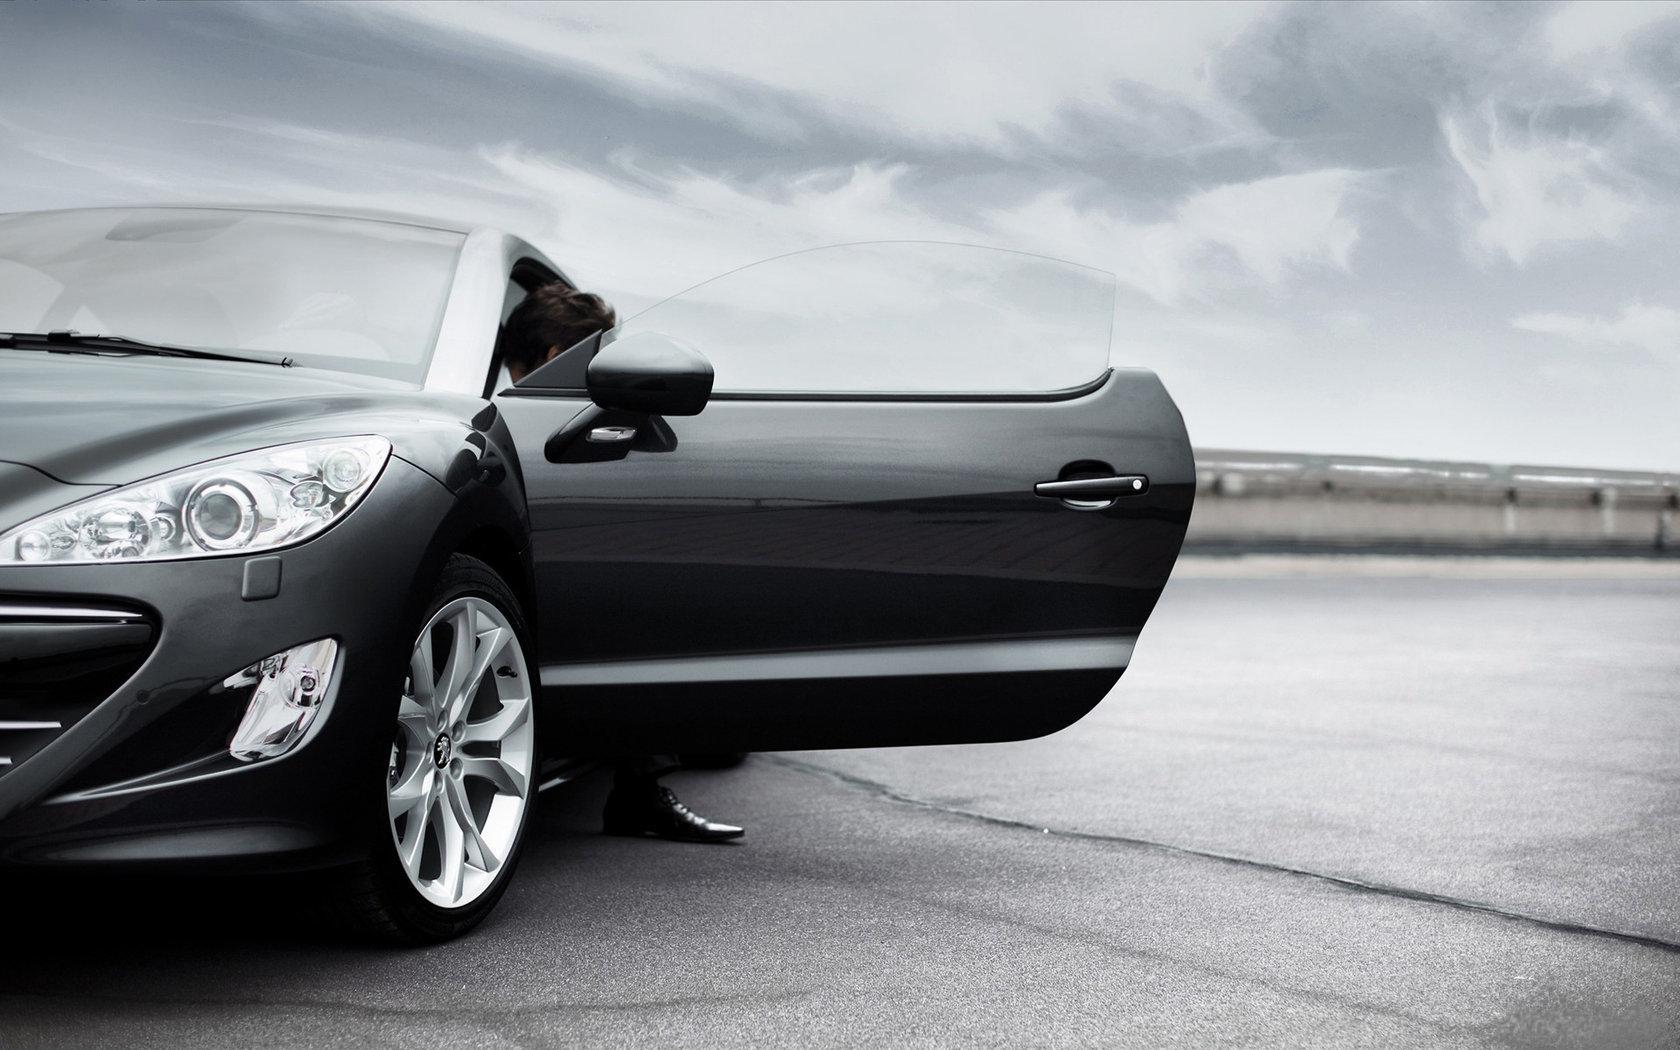 10031 скачать обои Транспорт, Машины, Пежо (Peugeot) - заставки и картинки бесплатно